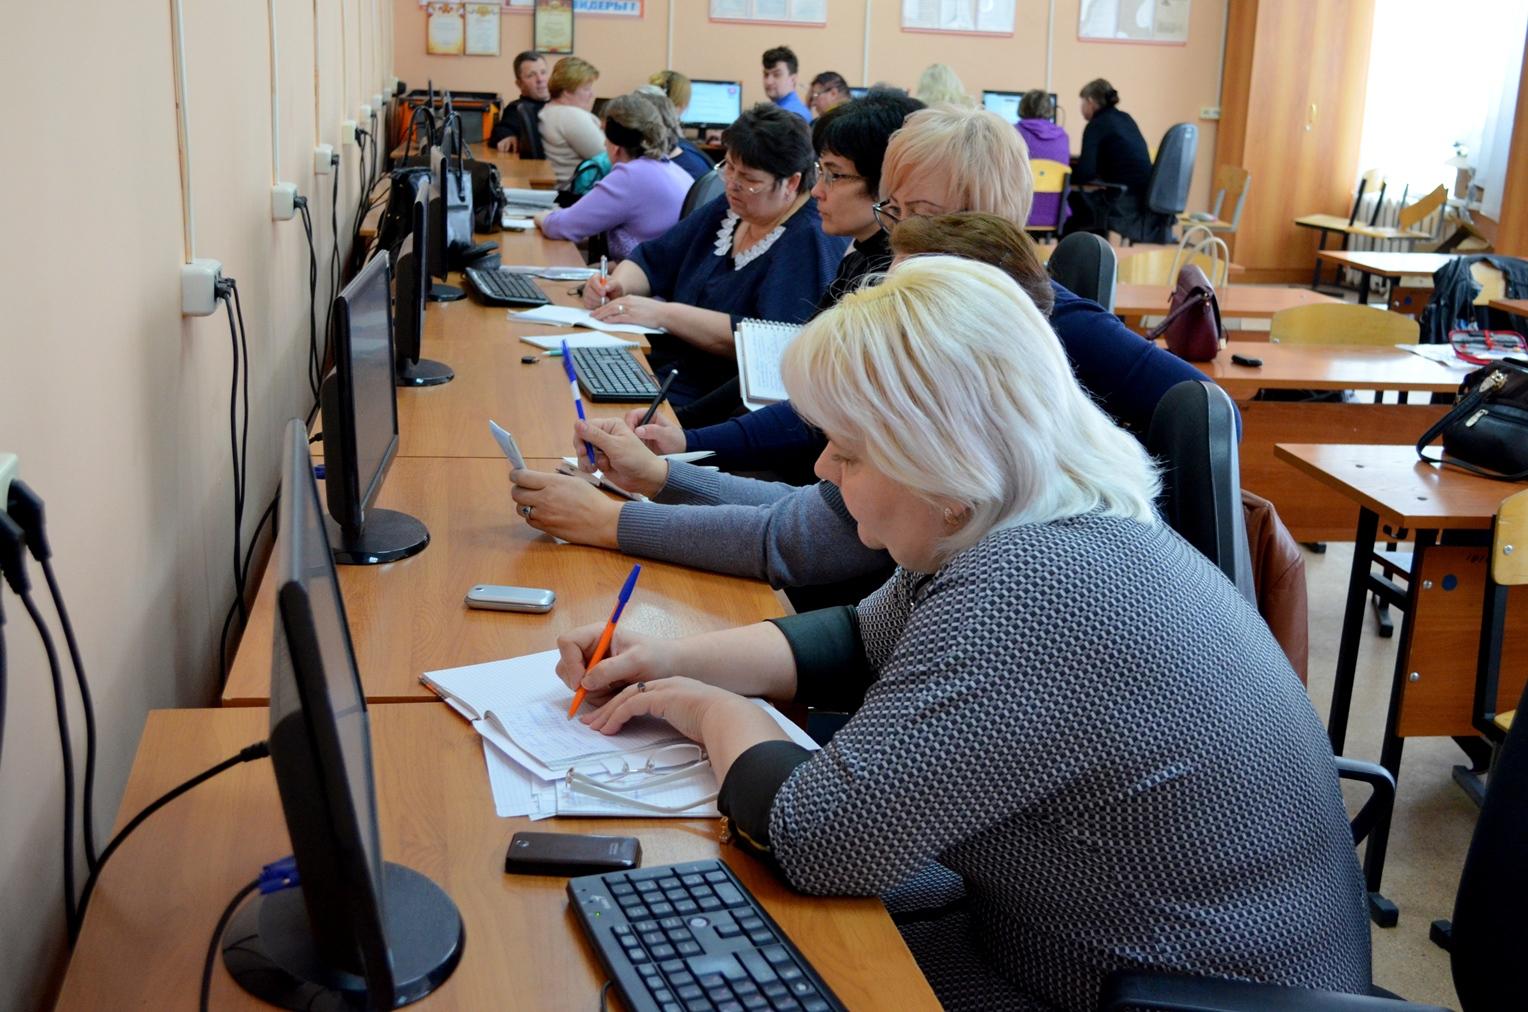 Открытое образование курсы повышения квалификации, картинках днем